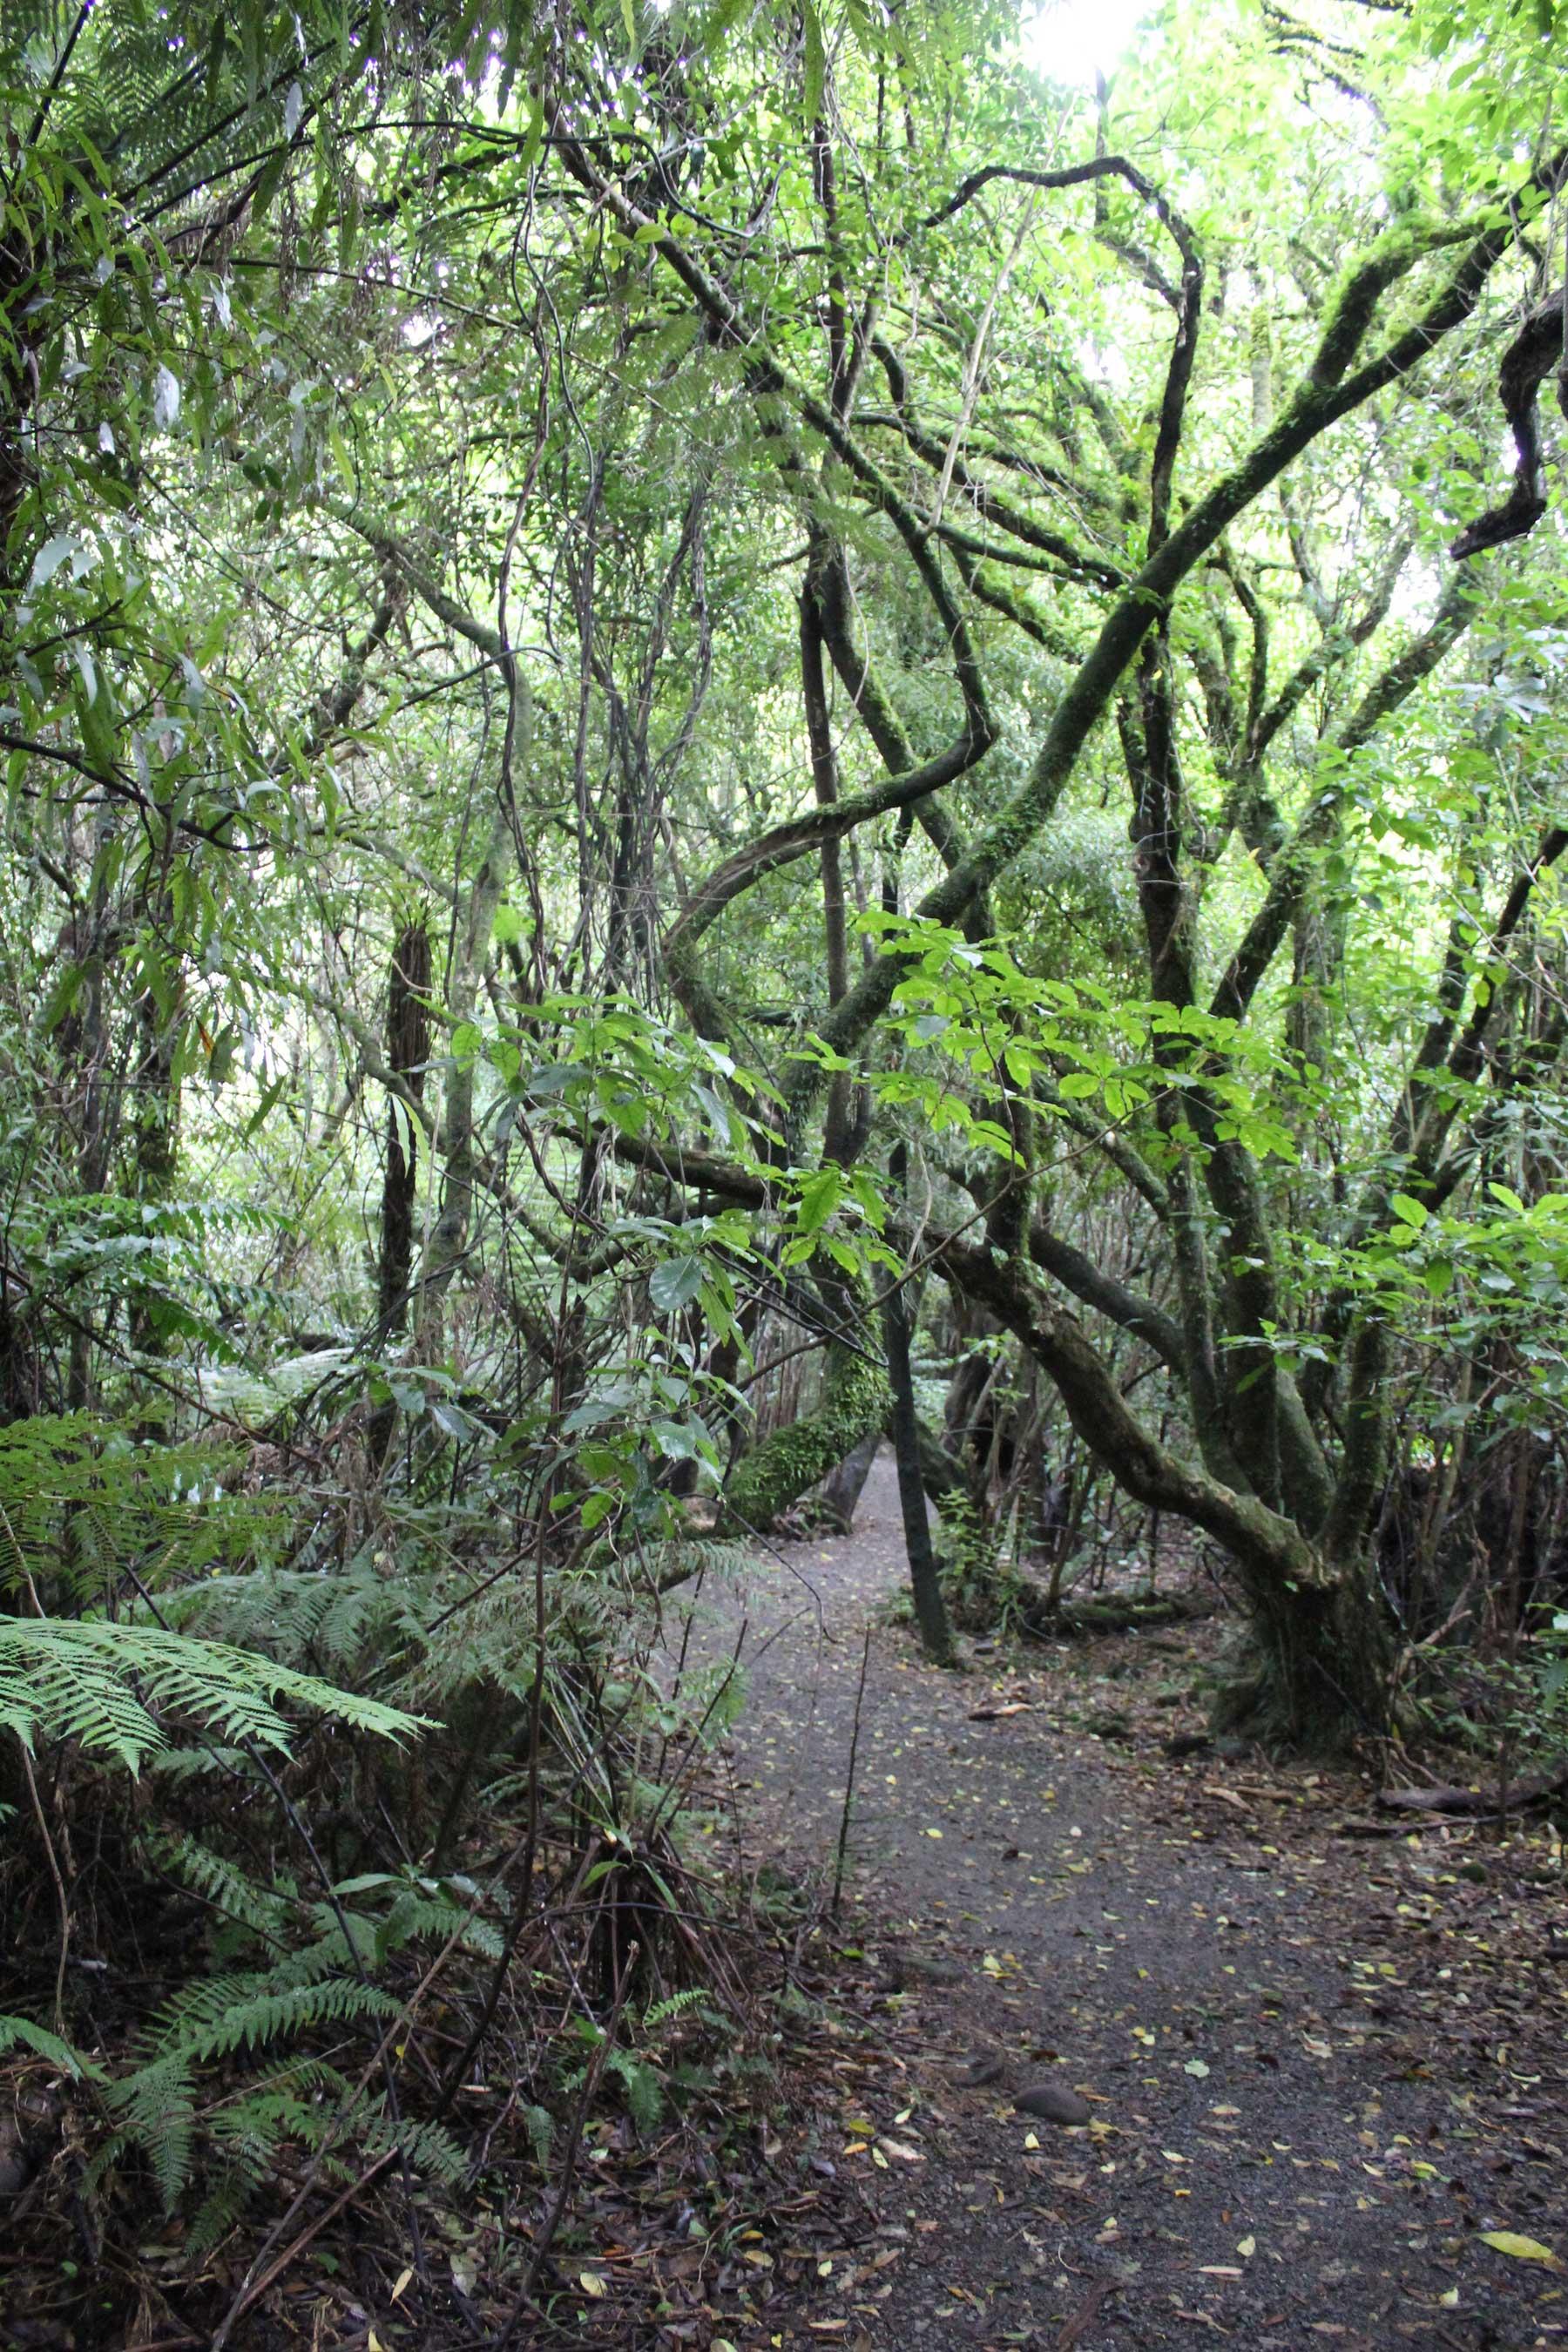 Bosque-Tropical Parque Nacional Tongariro